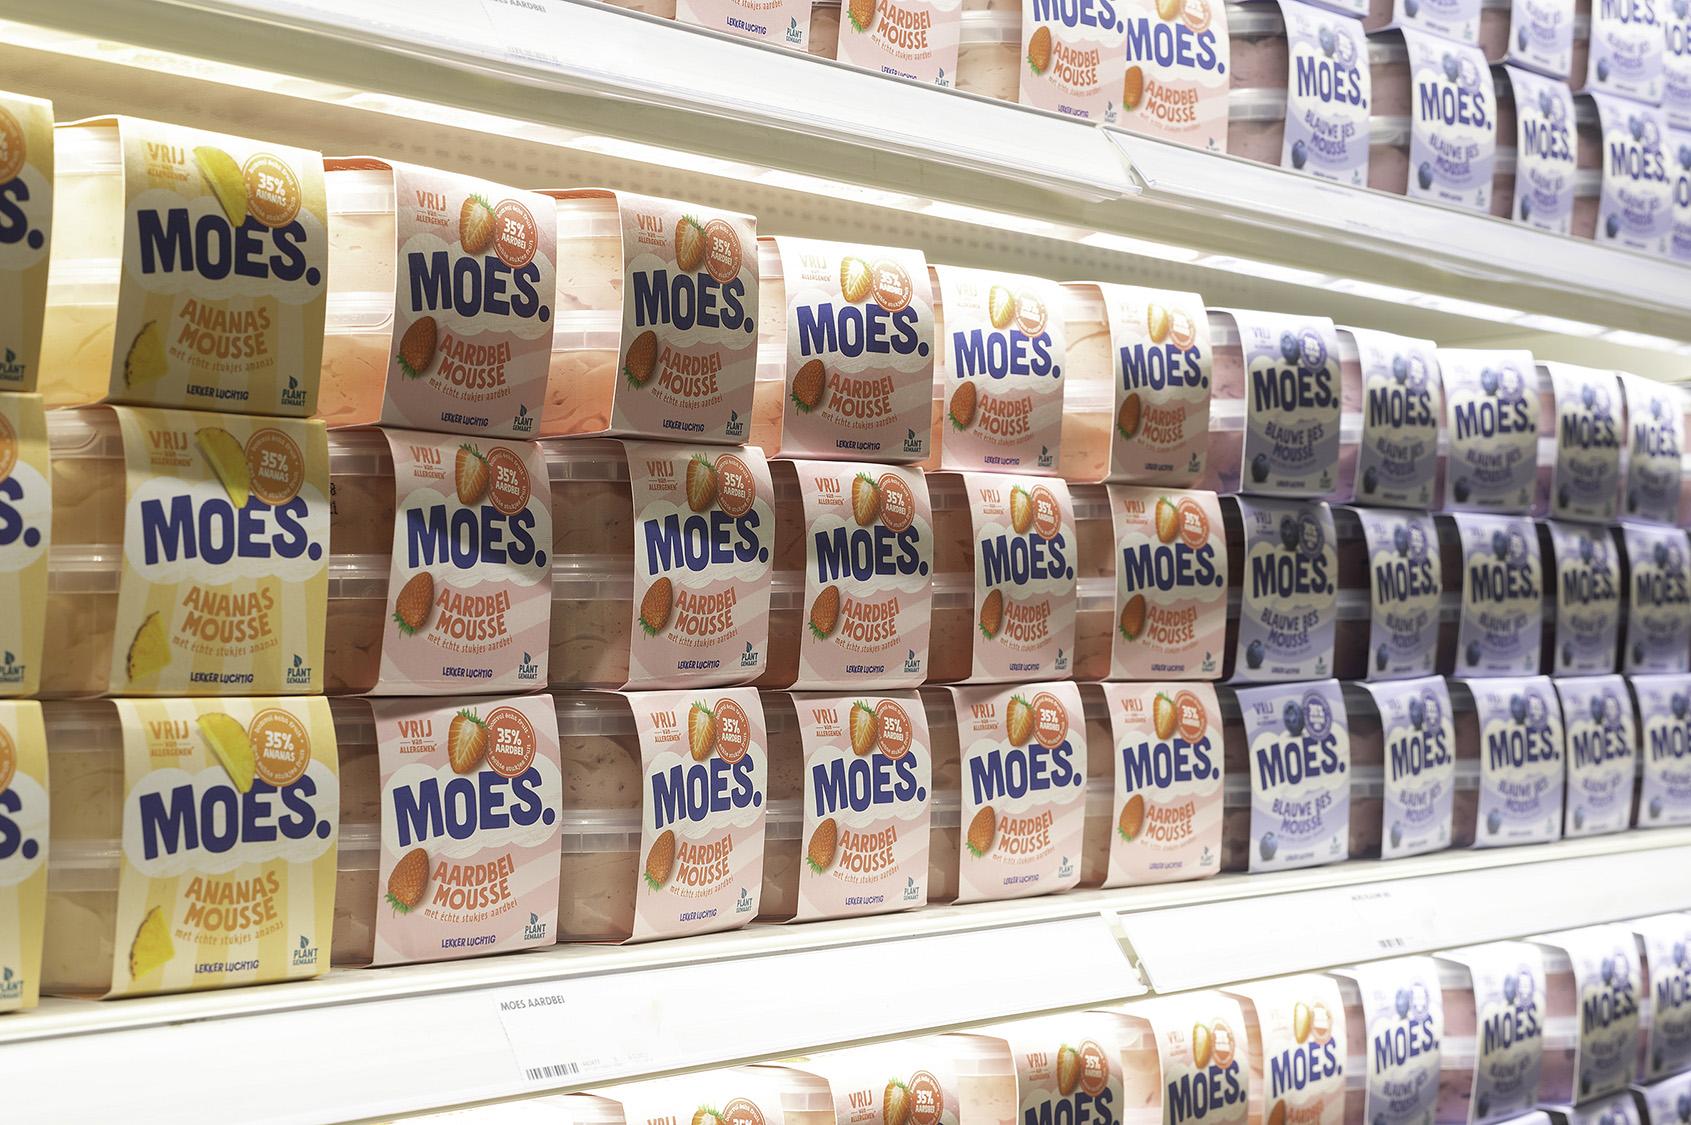 Verpakkingsdesign duurzame merken voor retail